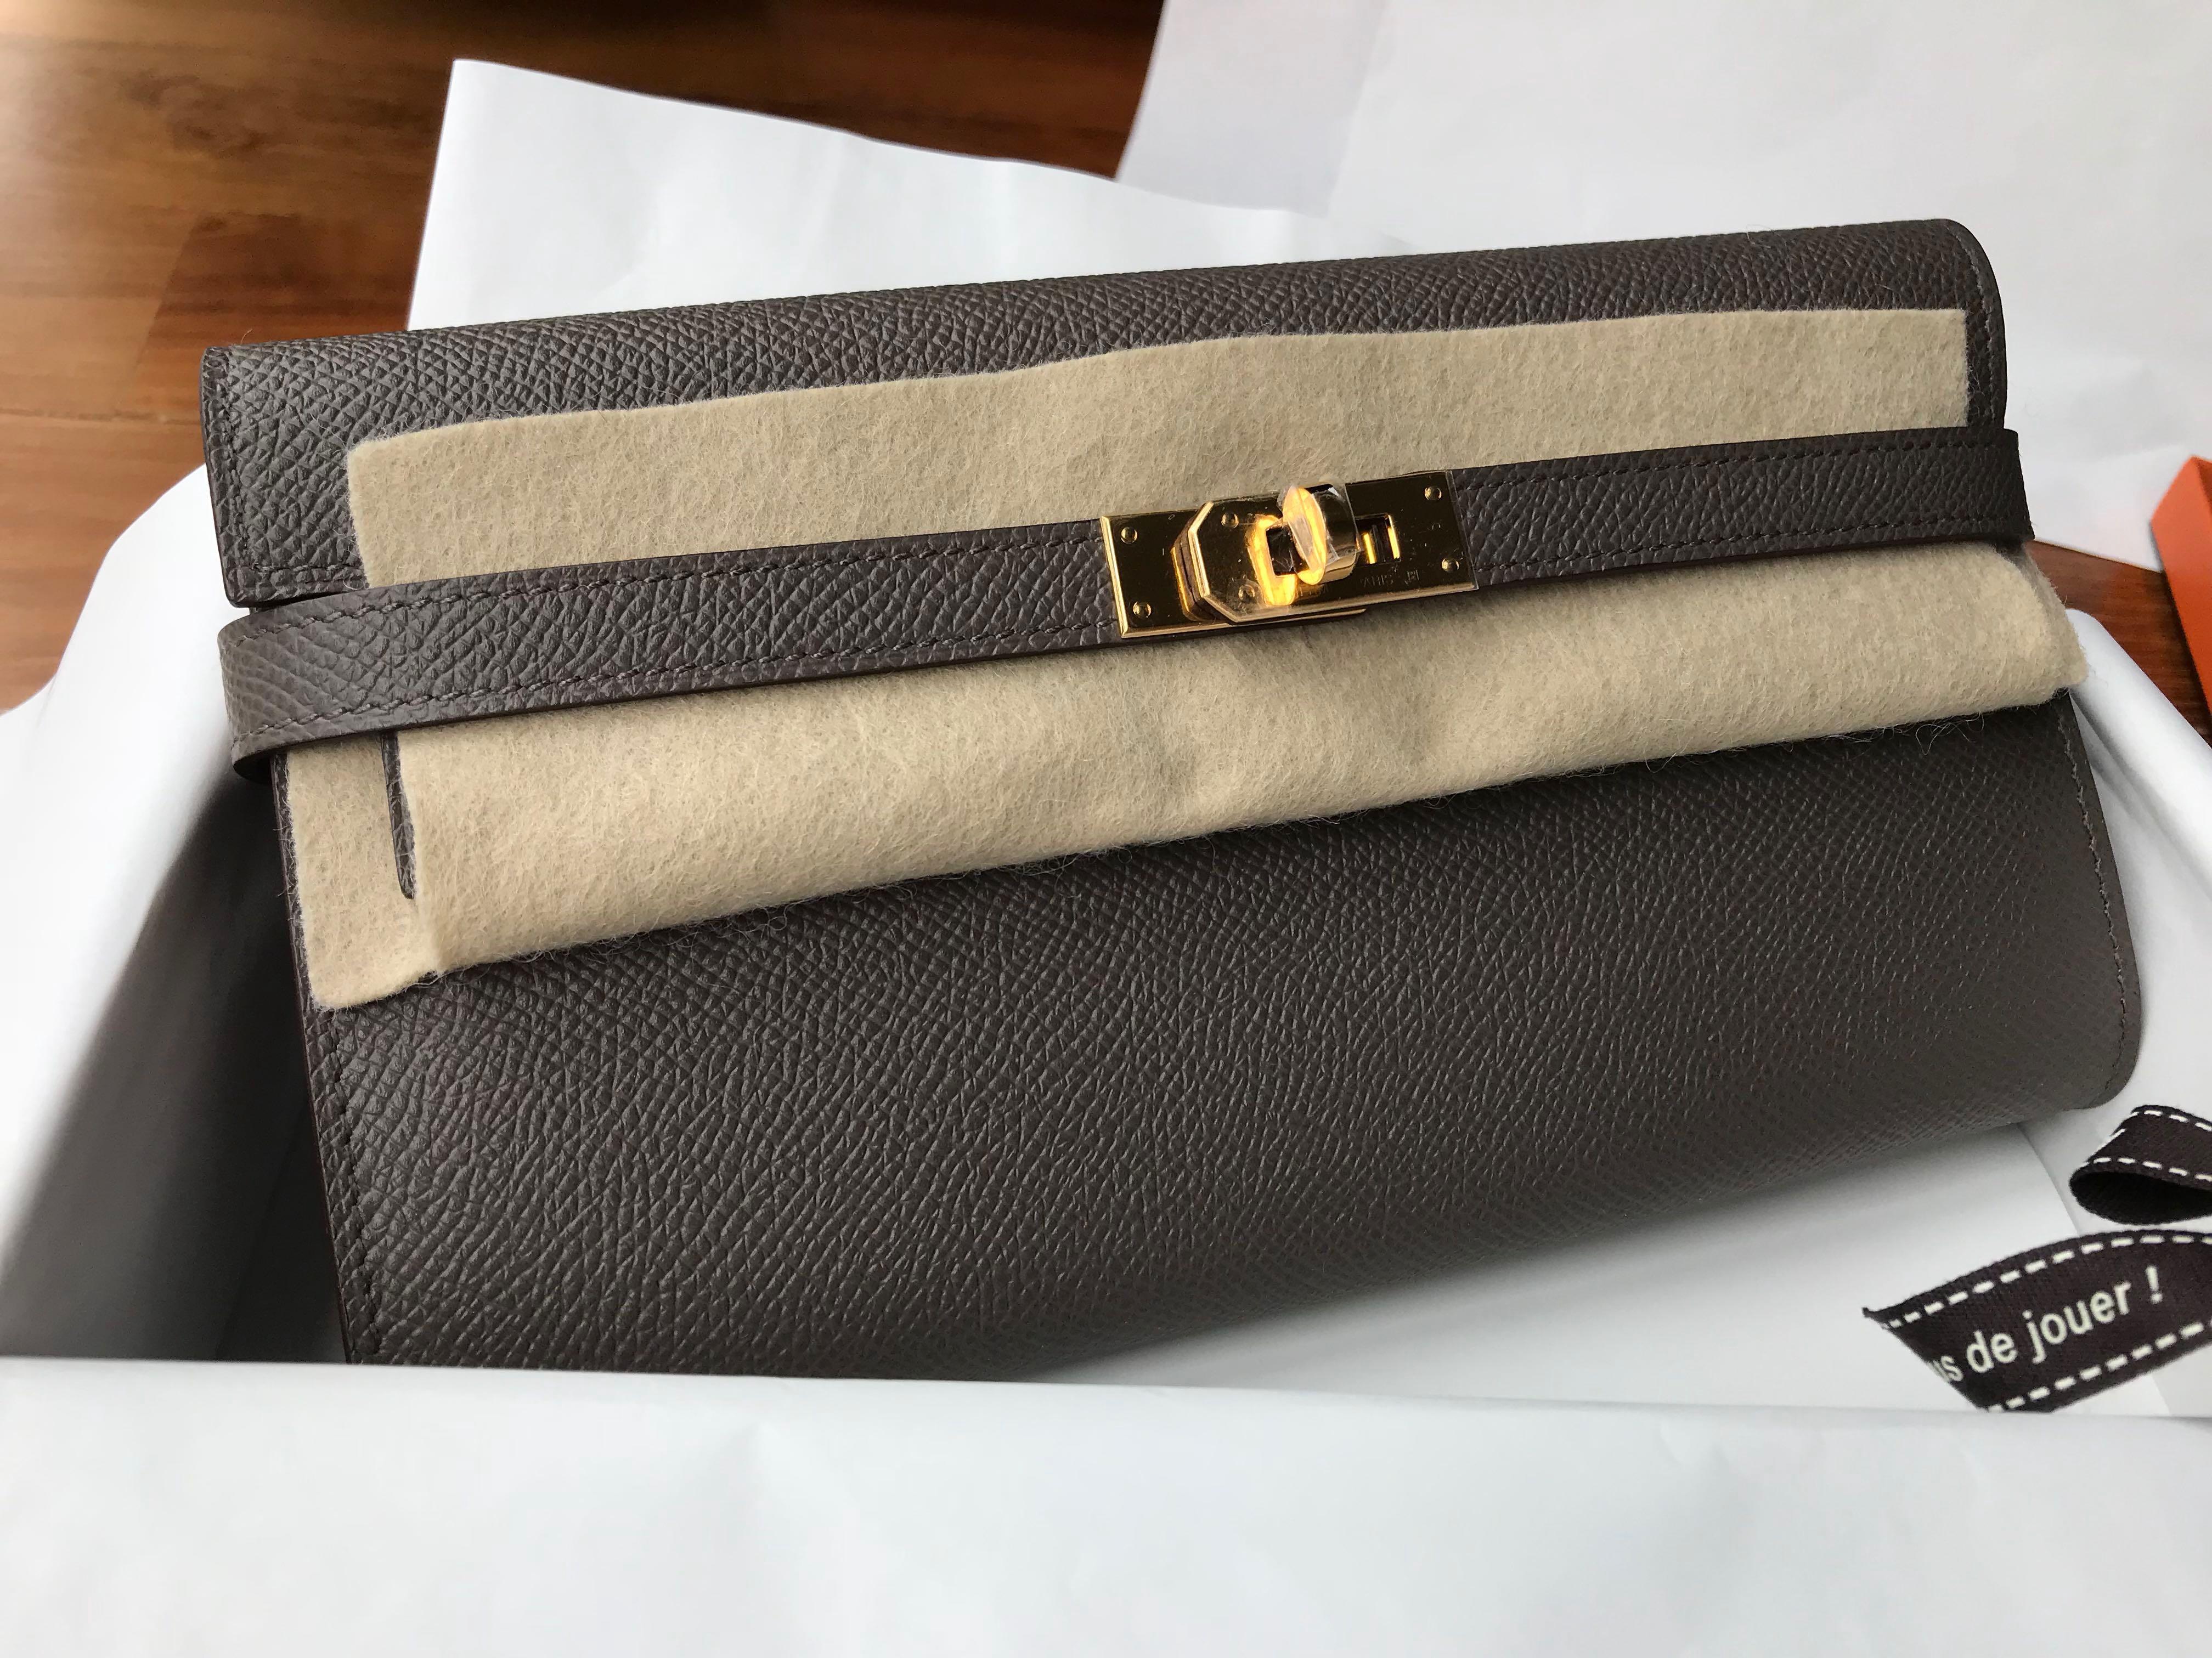 d8e0caf0b1be Hermes Long Wallet - Best Photo Wallet Justiceforkenny.Org